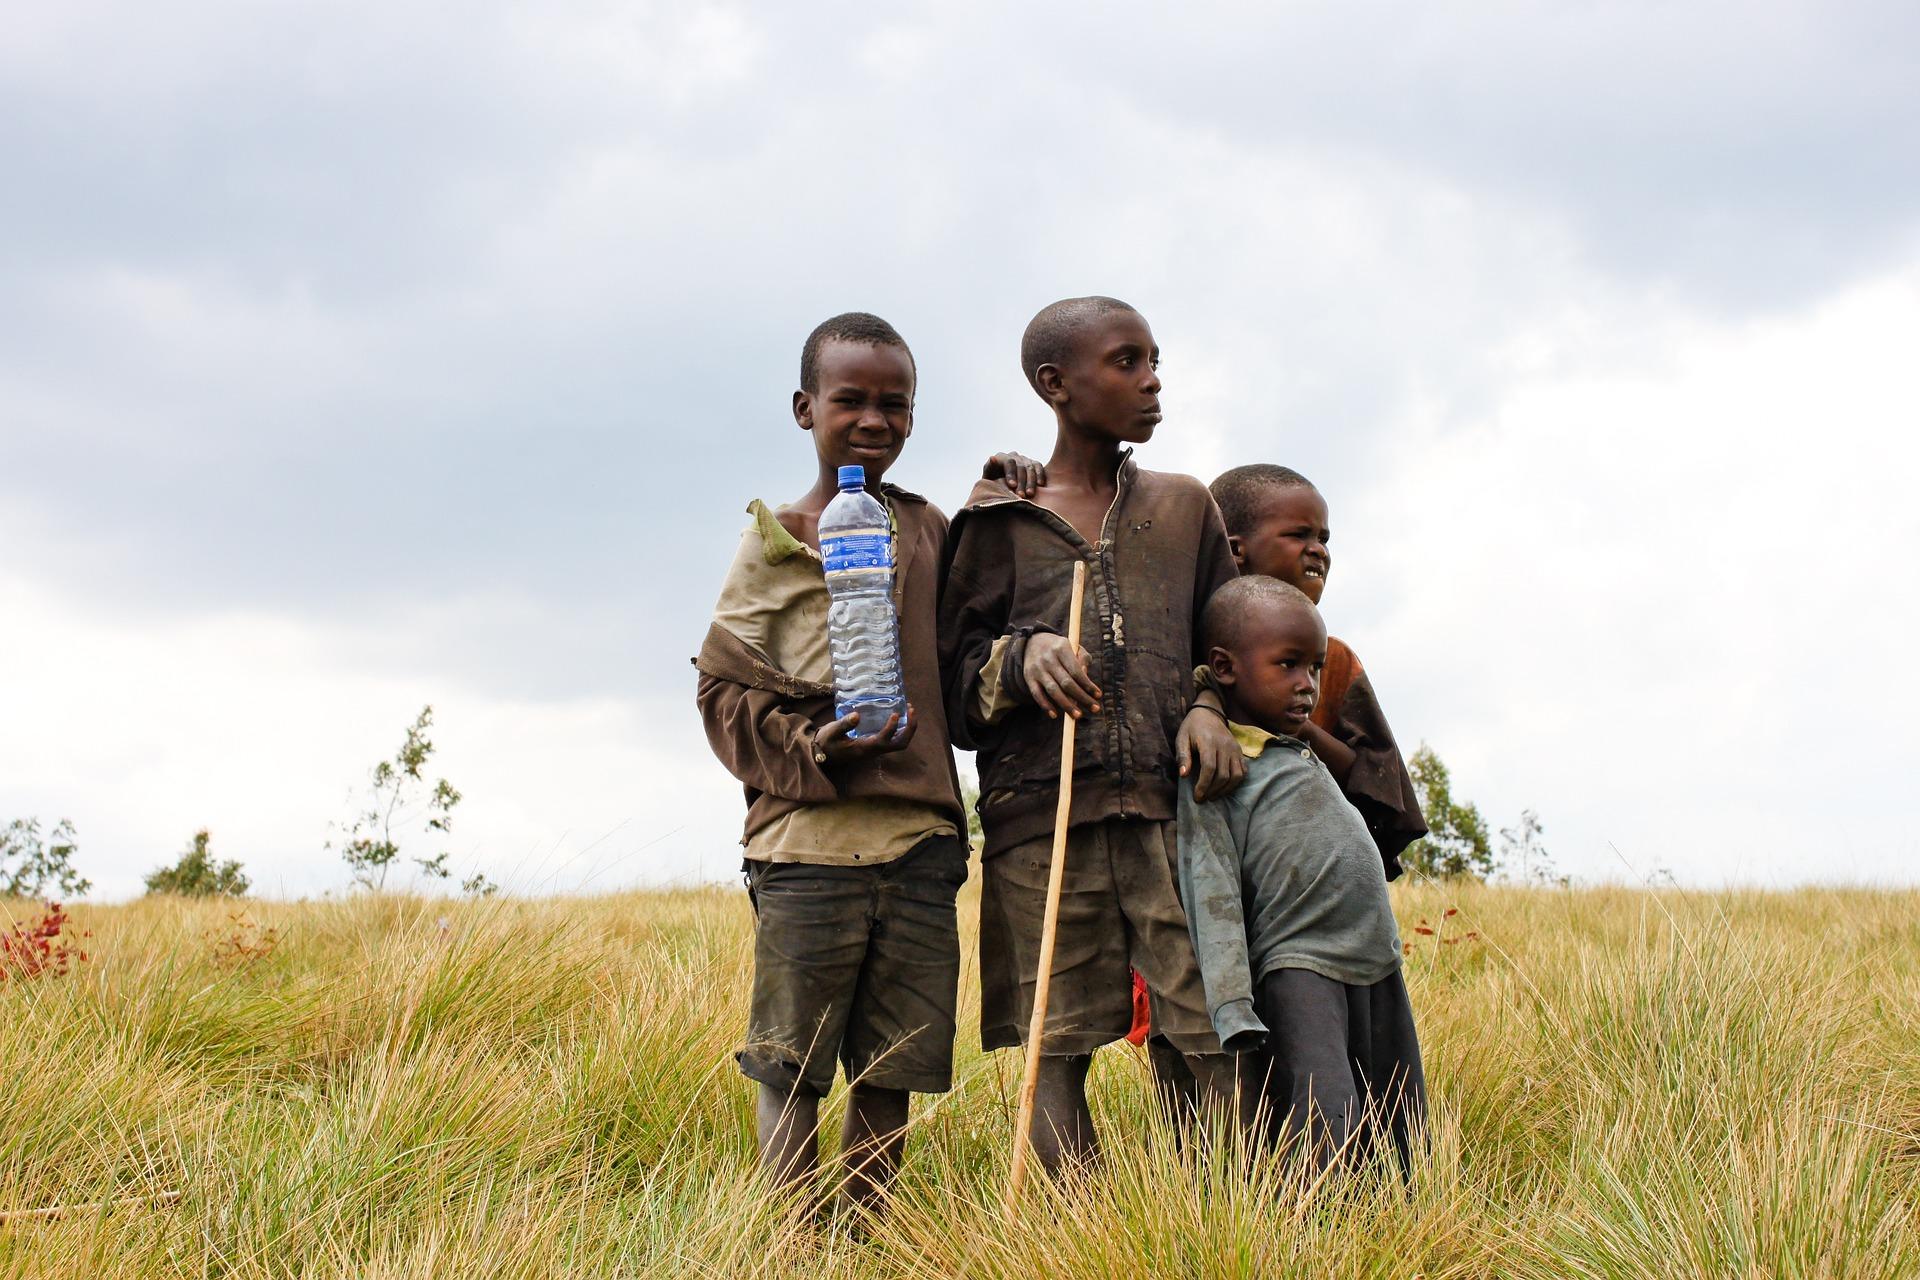 世界でおきている飢餓の問題